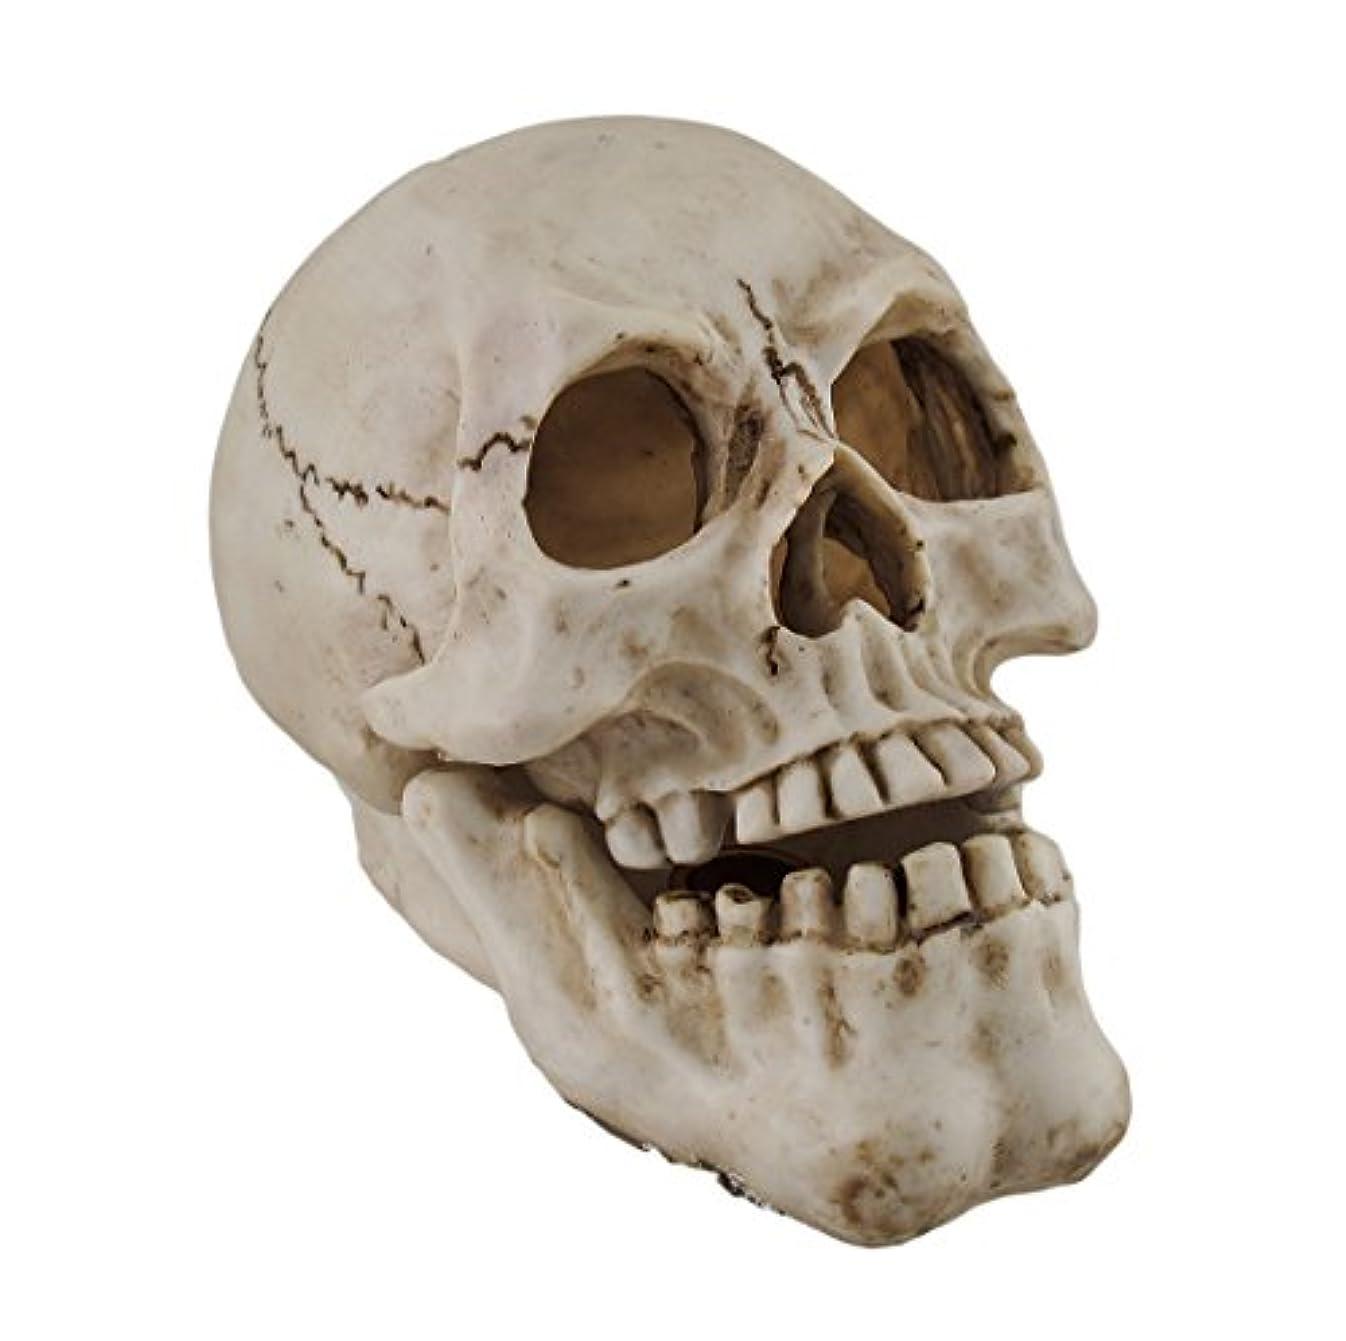 言語交換可能適応する樹脂IncenseホルダーHuman Skull Shaped Incense Burnerボックス7.75 X 5.75 X 4.5インチホワイトモデル# pwh-63